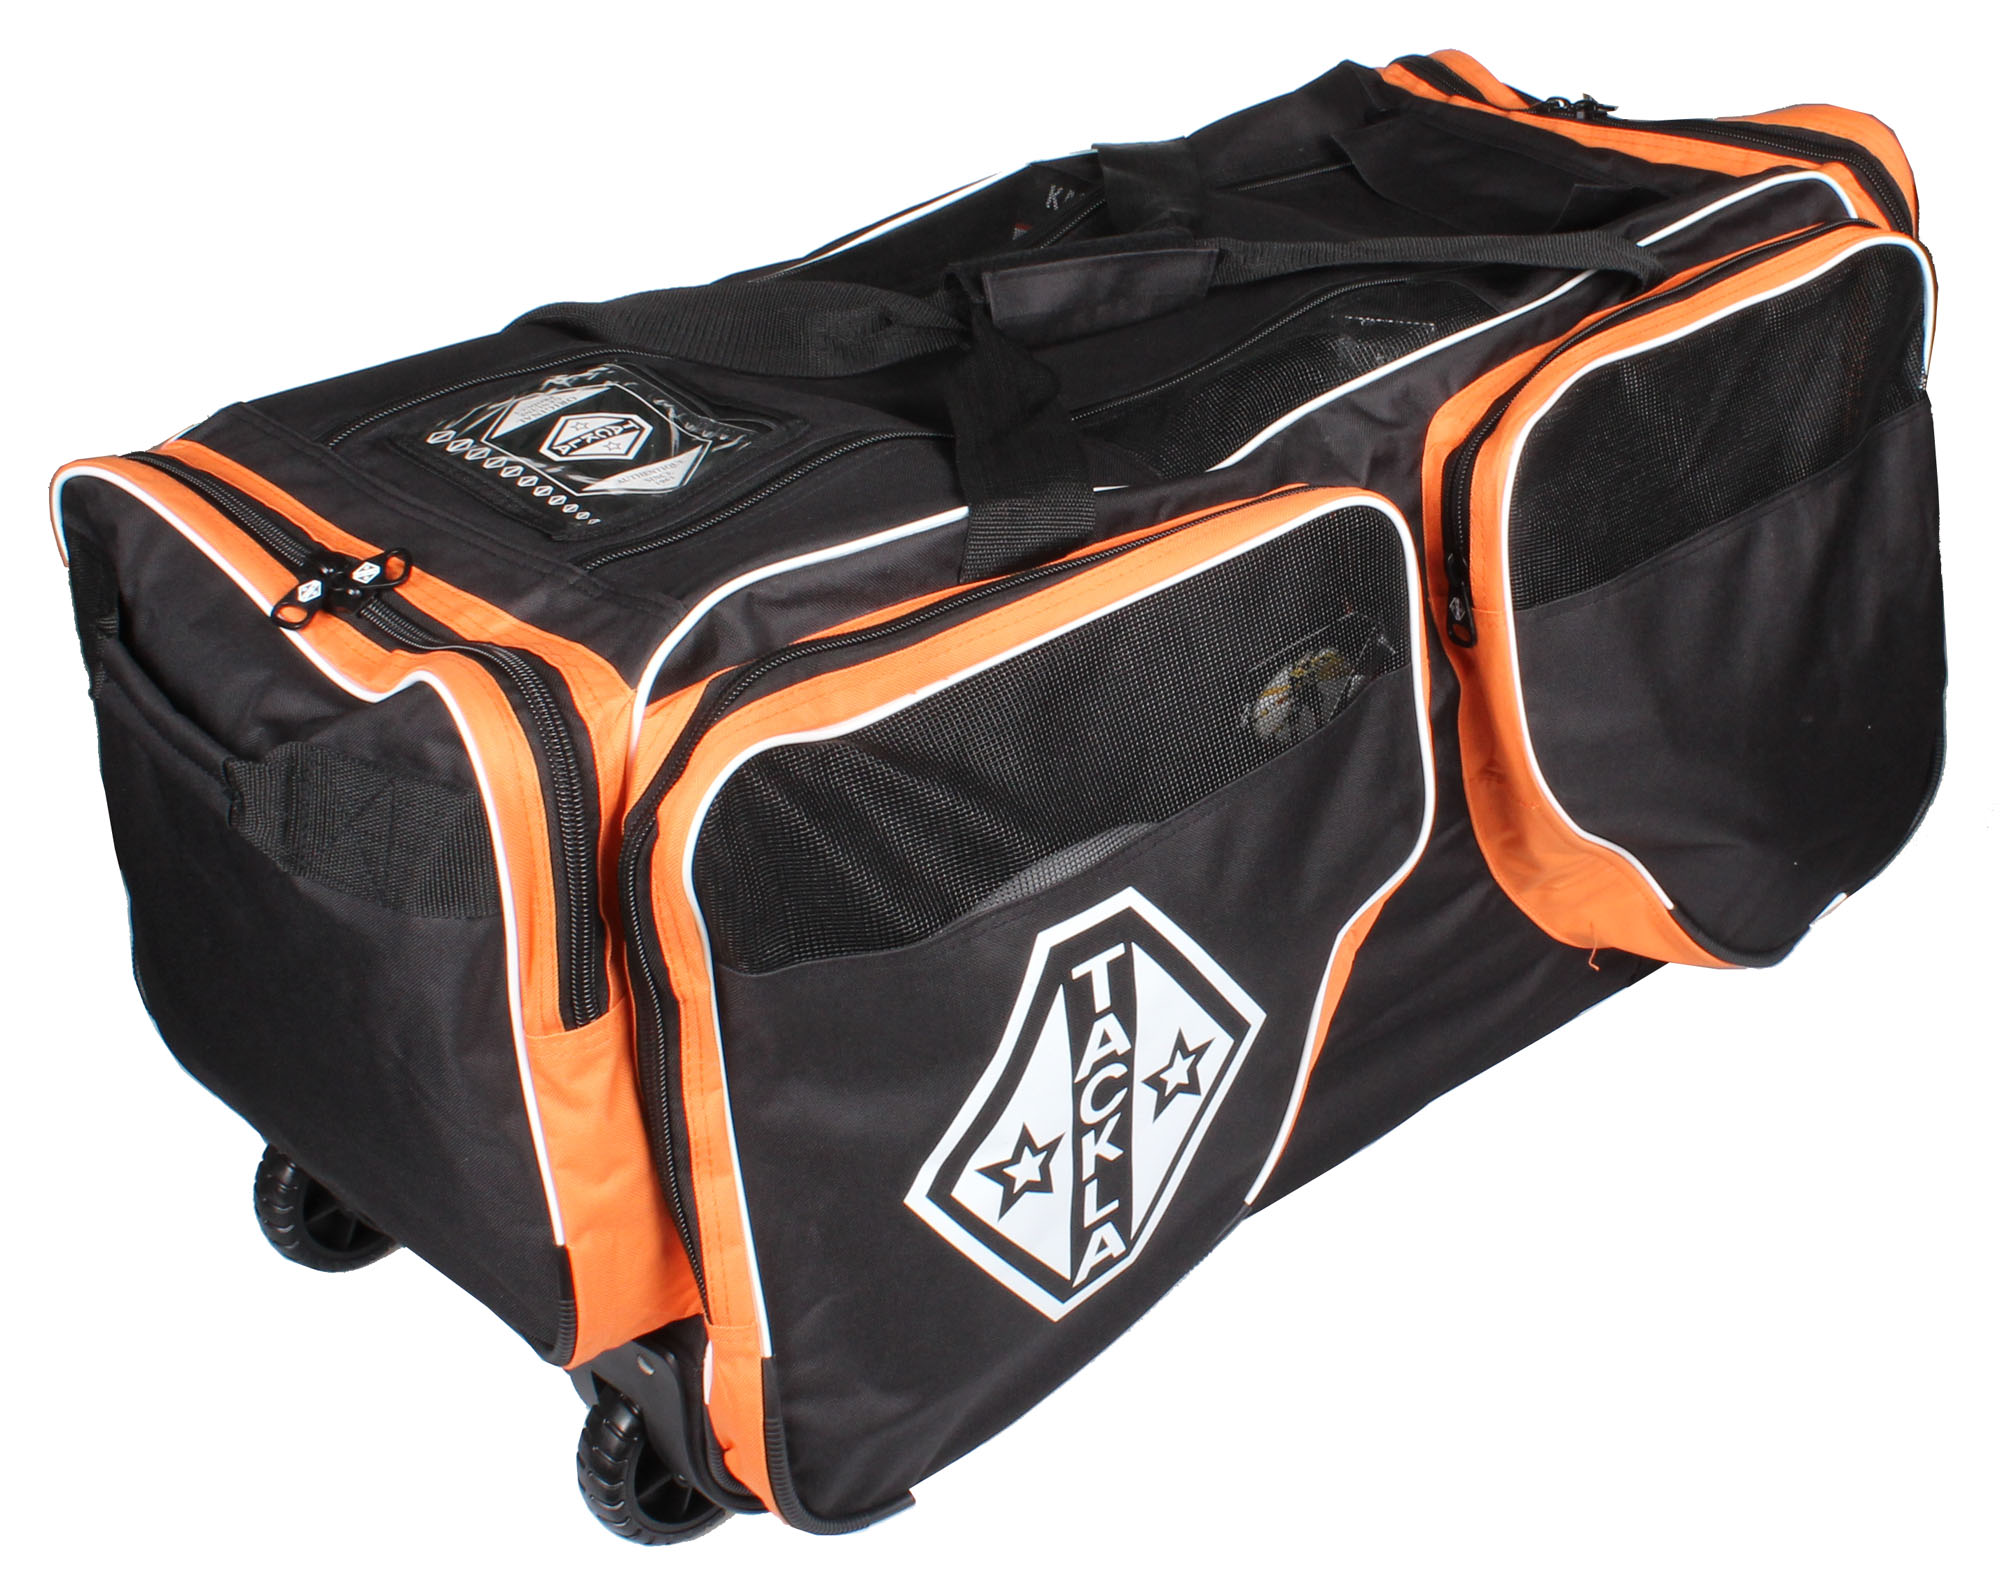 TACKLA Wheel Bag, černá - oranžová hokejová taška na kolečkách -